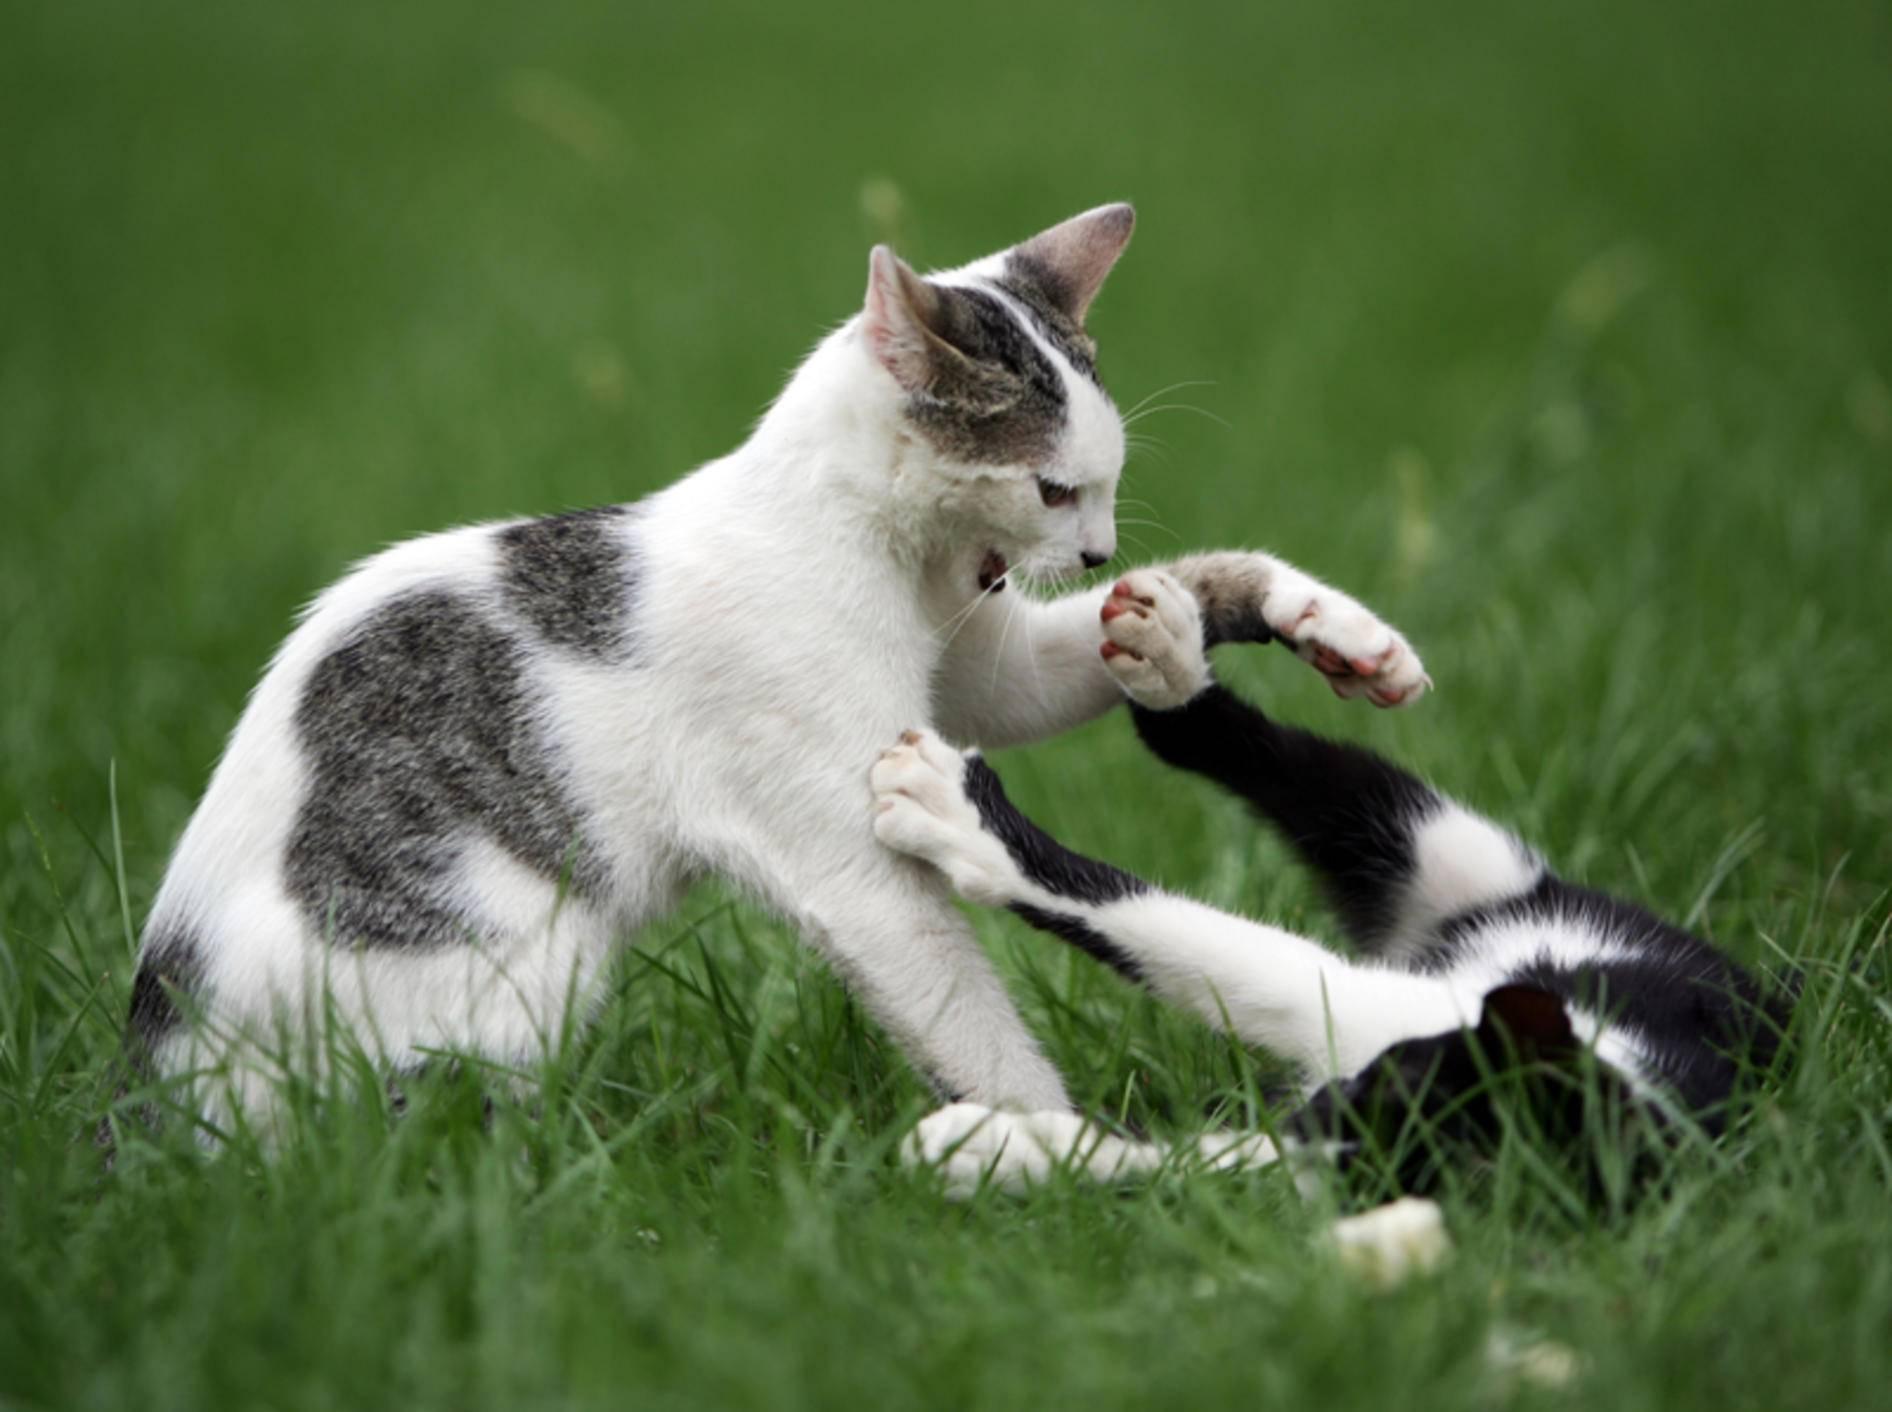 Katzen streiten nicht immer im offenen Kampf miteinander – Shutterstock / Hieronymus